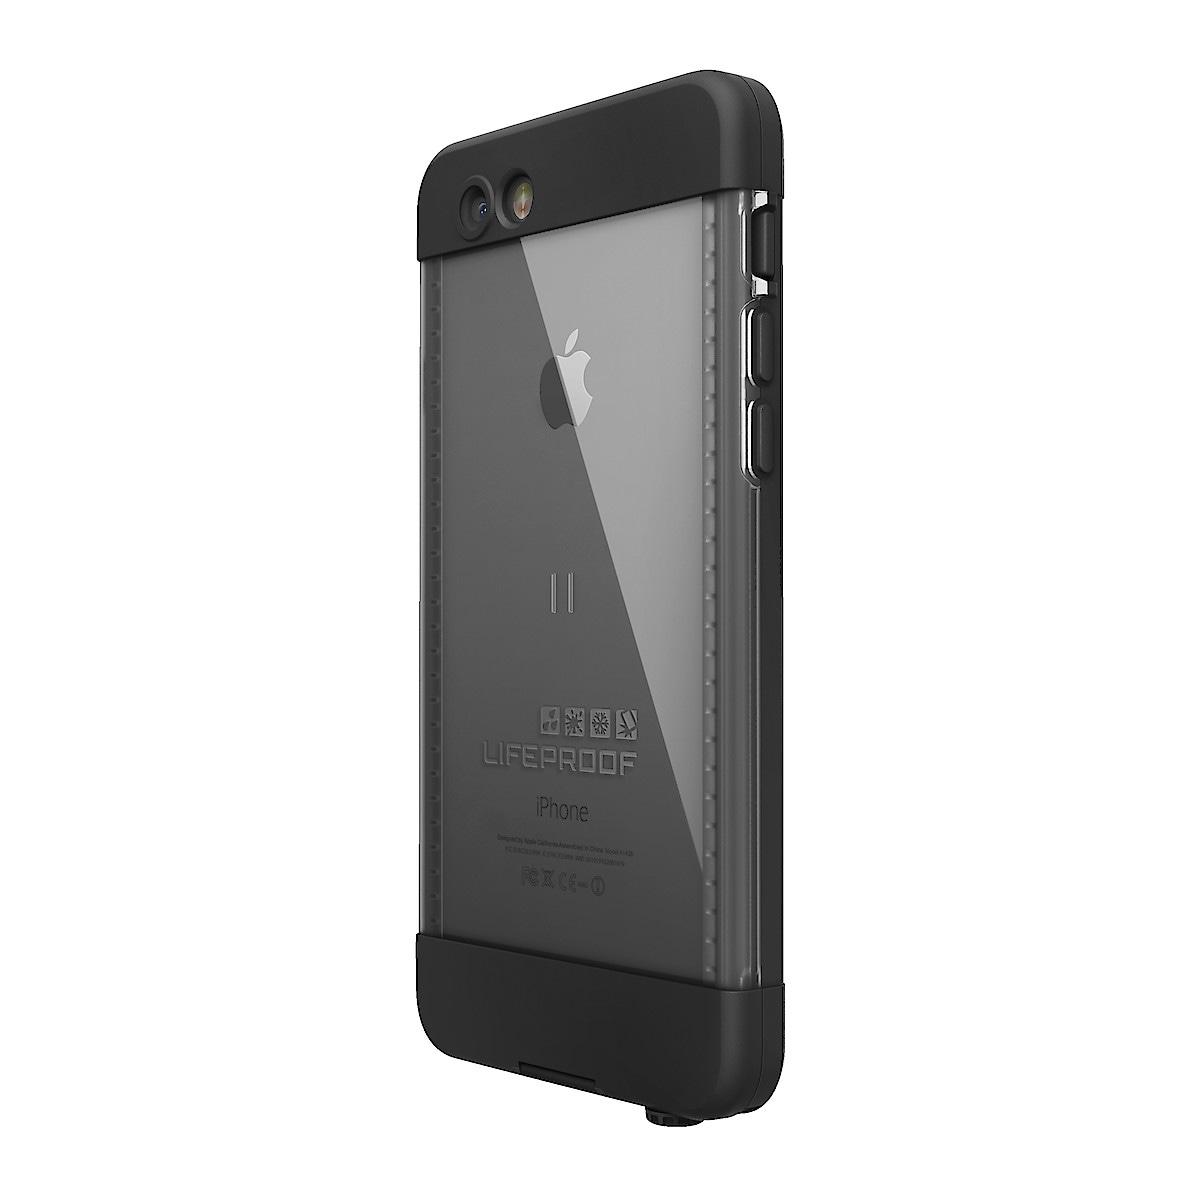 Lifeproof Nuud deksel for iPhone 6